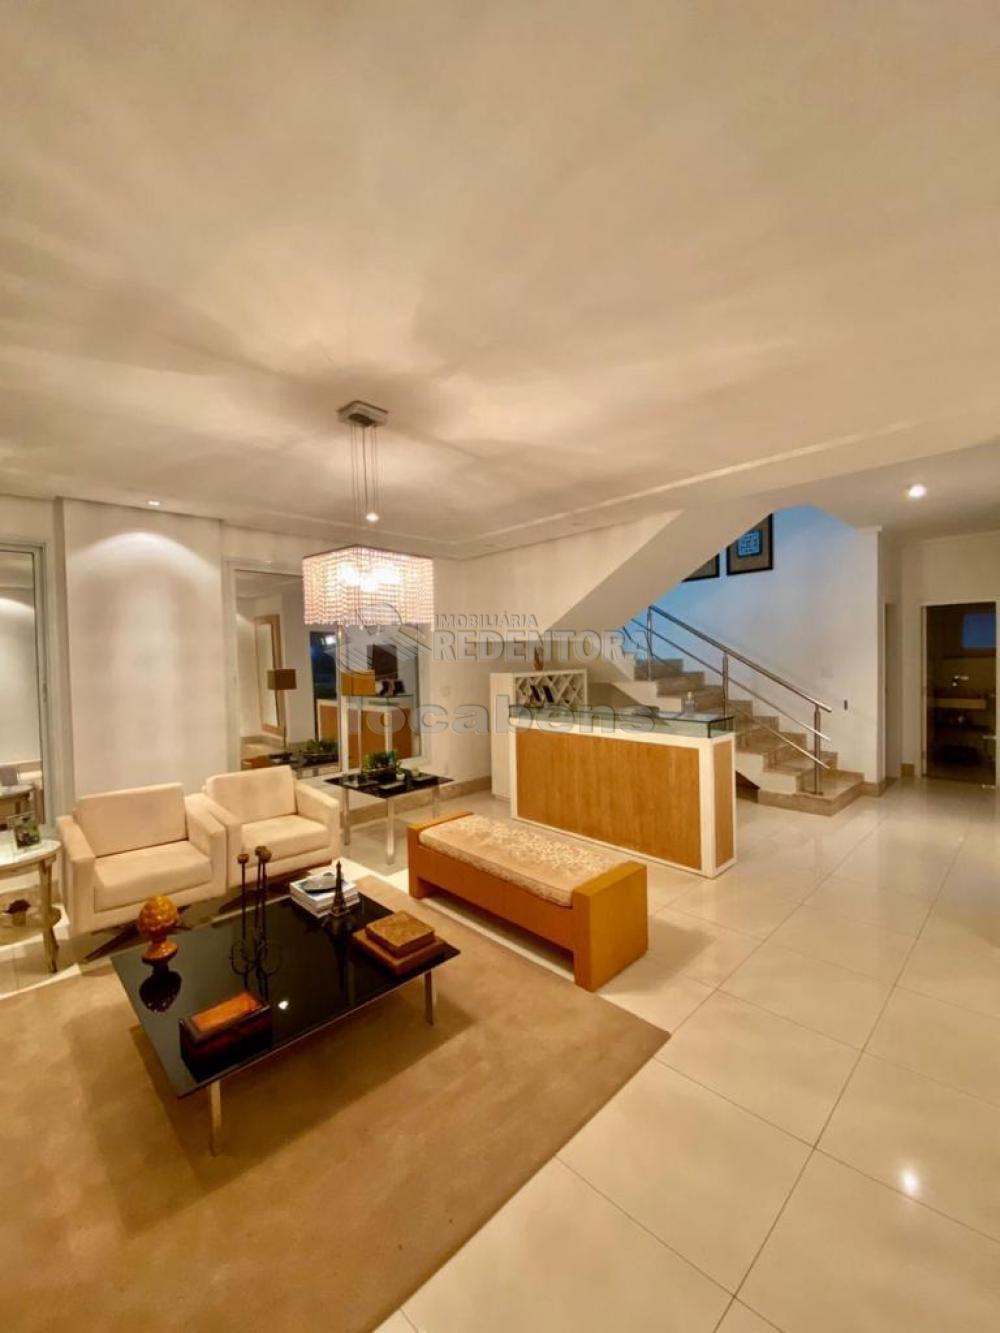 Comprar Casa / Condomínio em São José do Rio Preto R$ 1.750.000,00 - Foto 25